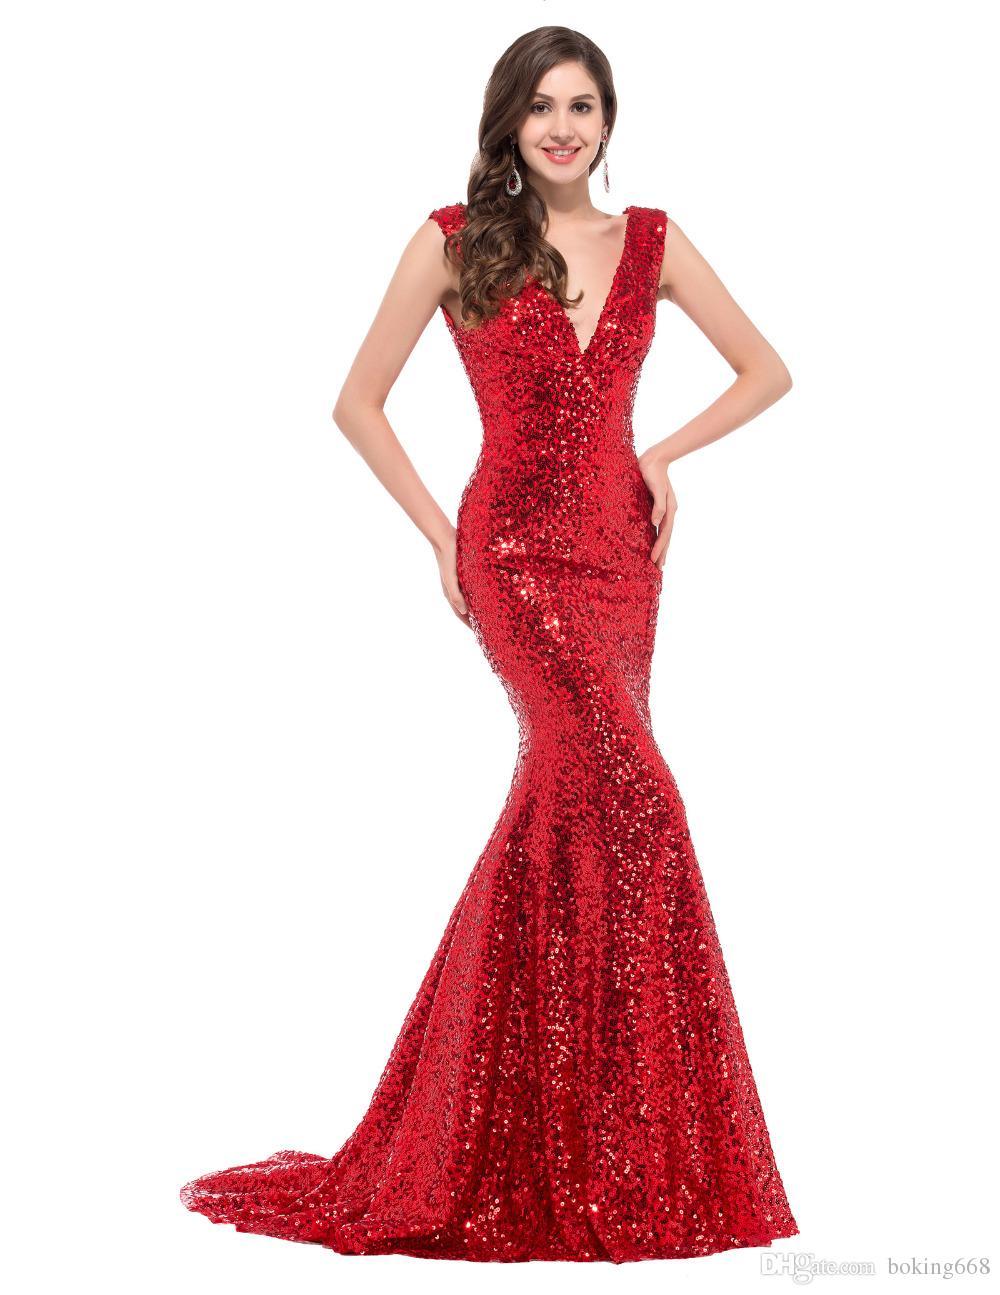 Pas cher Longue-Rouge Parti Sequin robes de soirée 2019 sexy trompette sirène récent robe d'or formelles Robes Robe de soirée Custom Made